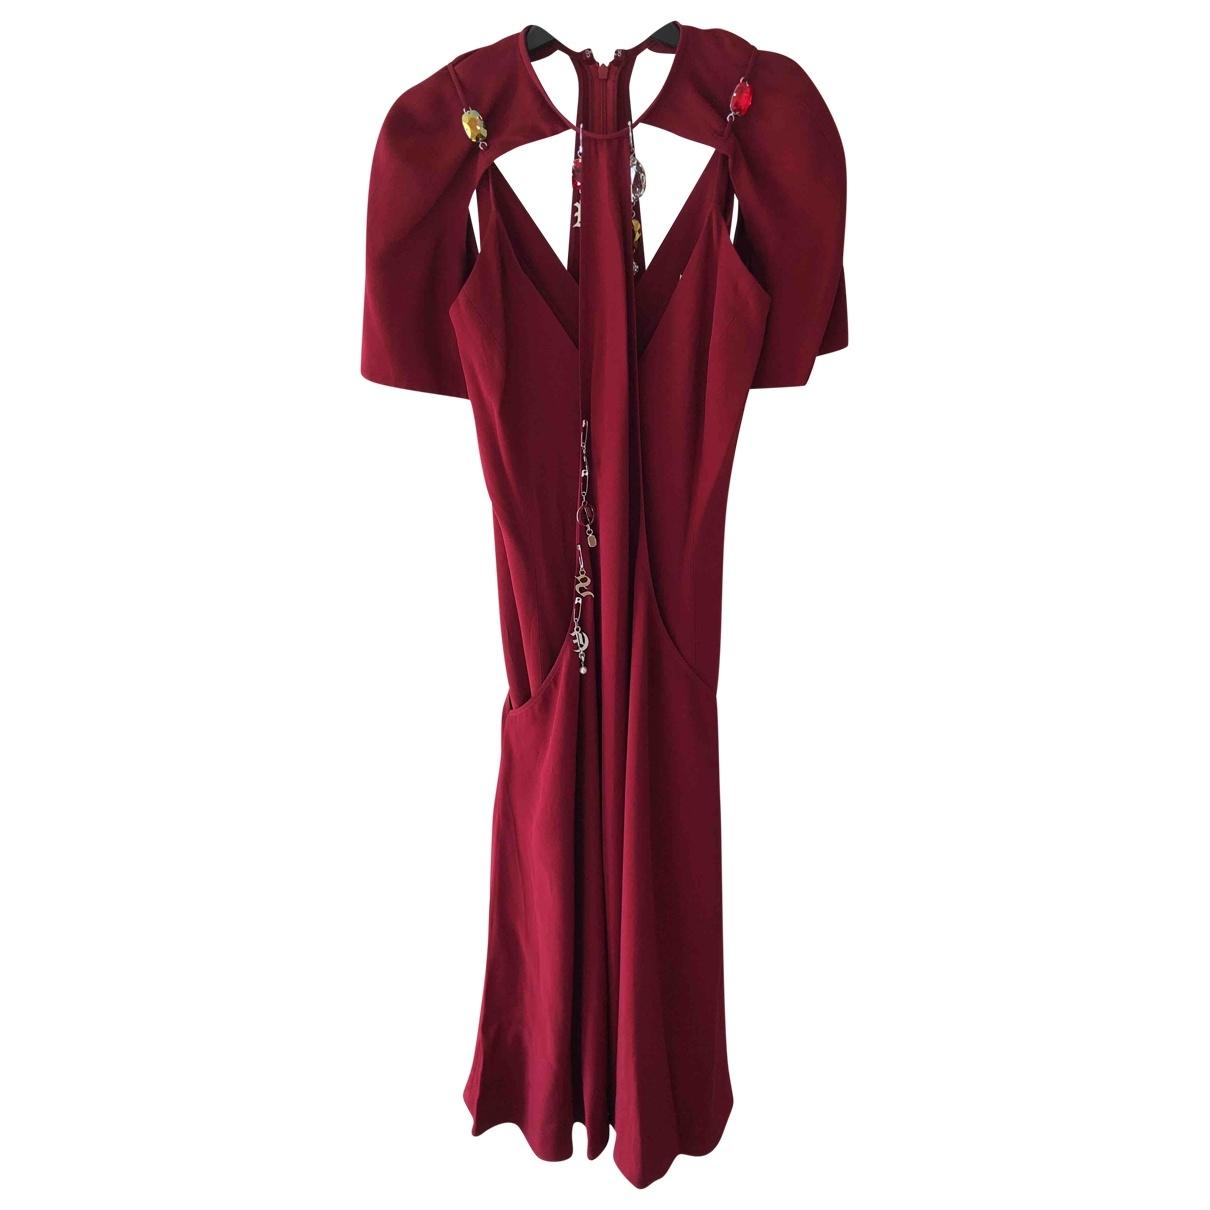 Christopher Kane \N Burgundy dress for Women 10 UK